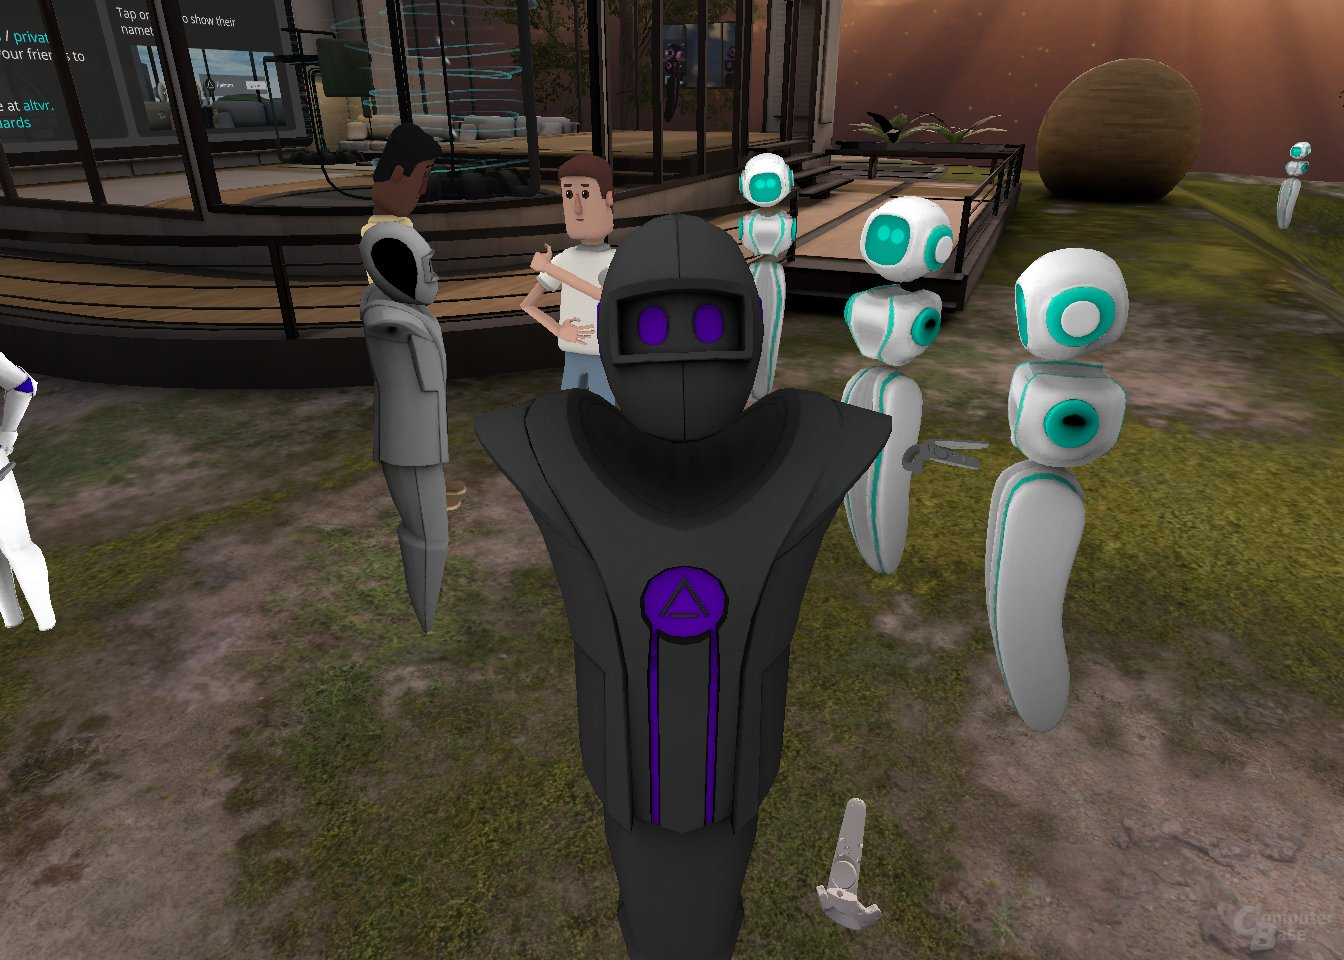 """Im Hintergrund des VR-Selfies gestikuliert ein Nutzer mit einem """"Perception Neuron""""-System..."""